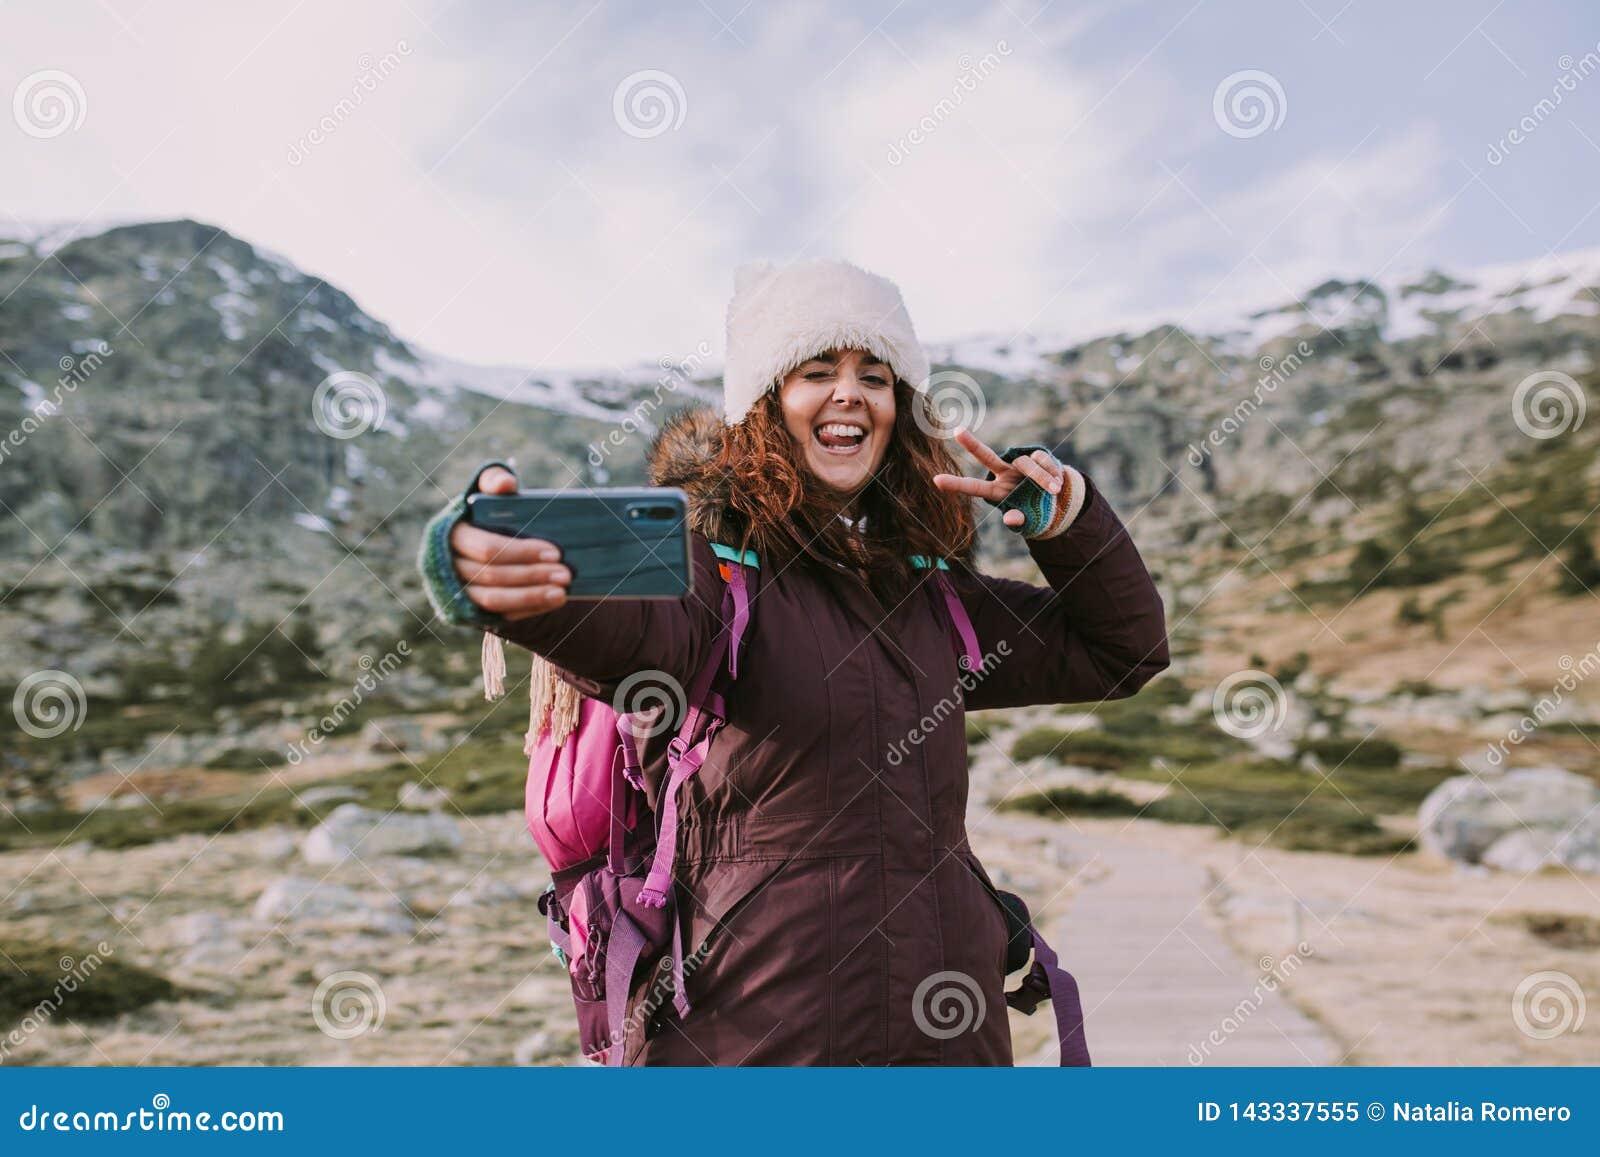 Ragazza castana con il suo zaino e un cappello sulla sua testa prende un immagine accanto alle montagne con un grande sorriso sul